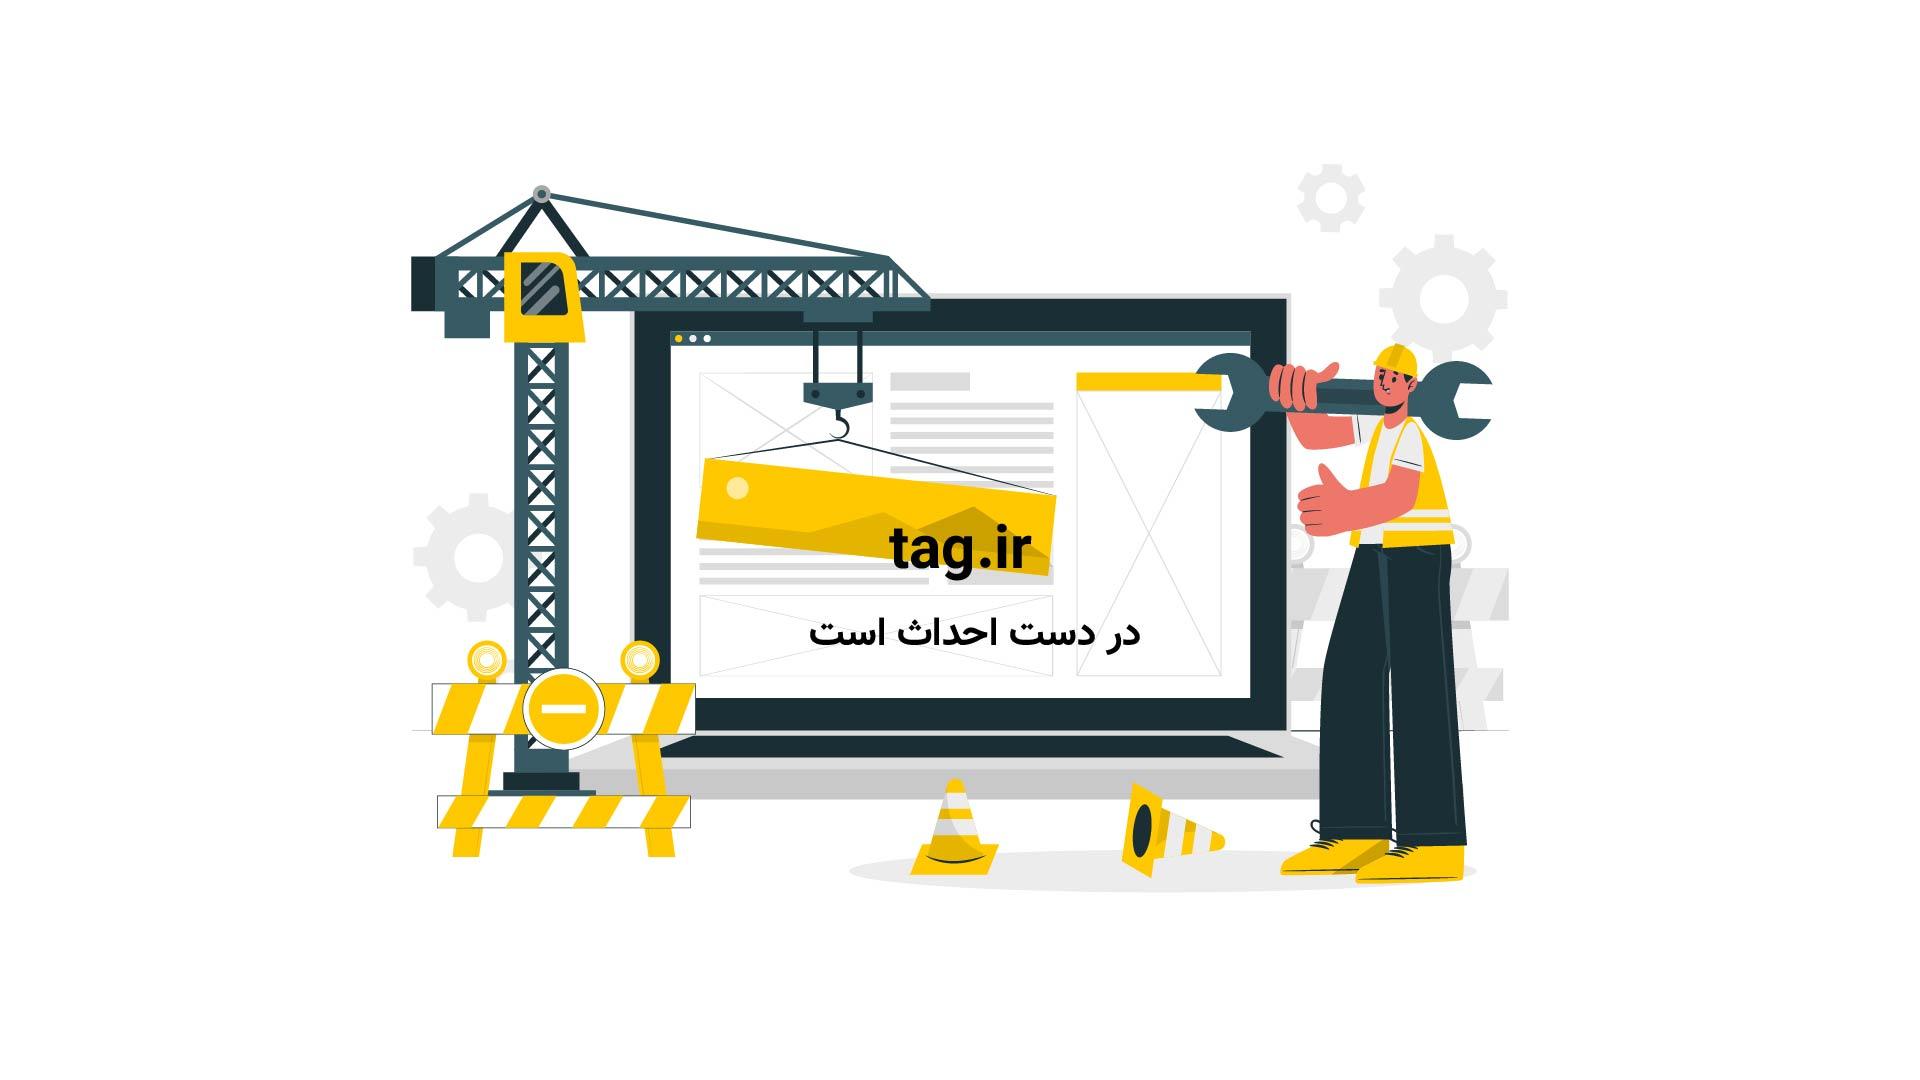 اجرای-ترانه-بهار-شیراز-در-خندوانه | تگ